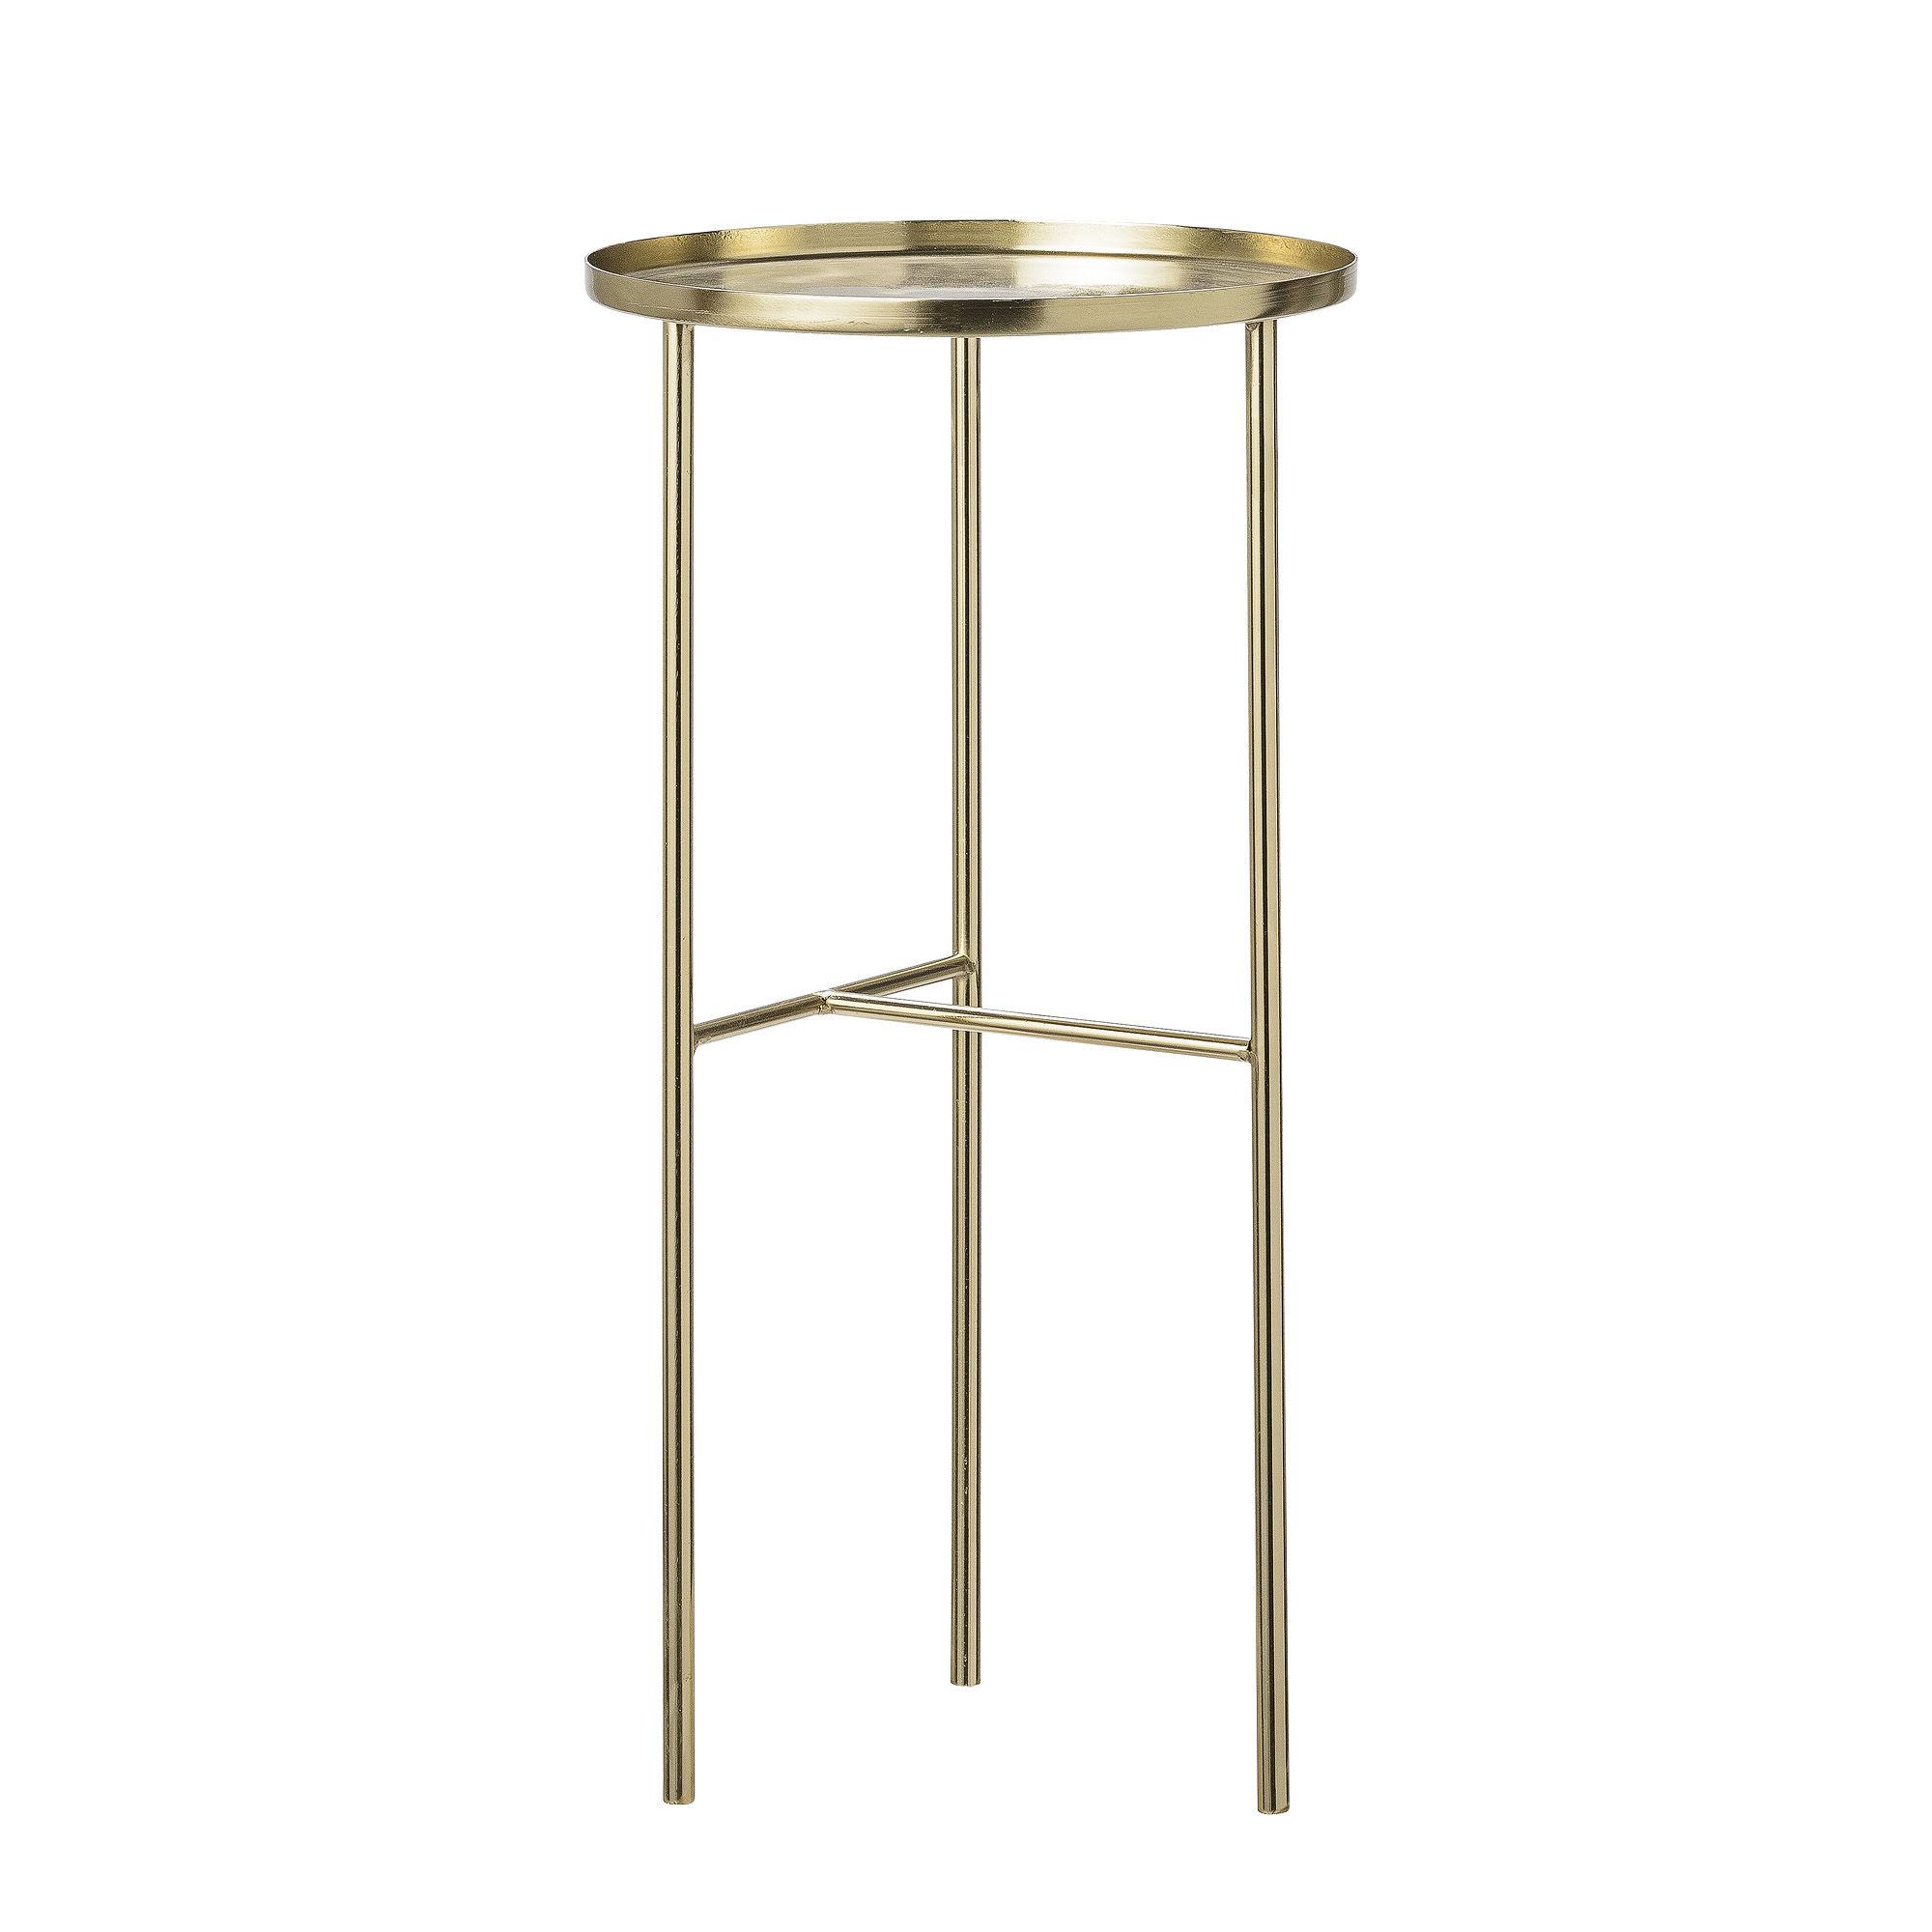 Möbel - Couchtische - Pretty Beistelltisch / Pflanzenständer - Ø 30 cm x H 60 cm - Bloomingville - Goldfarben - Métal plaqué laiton